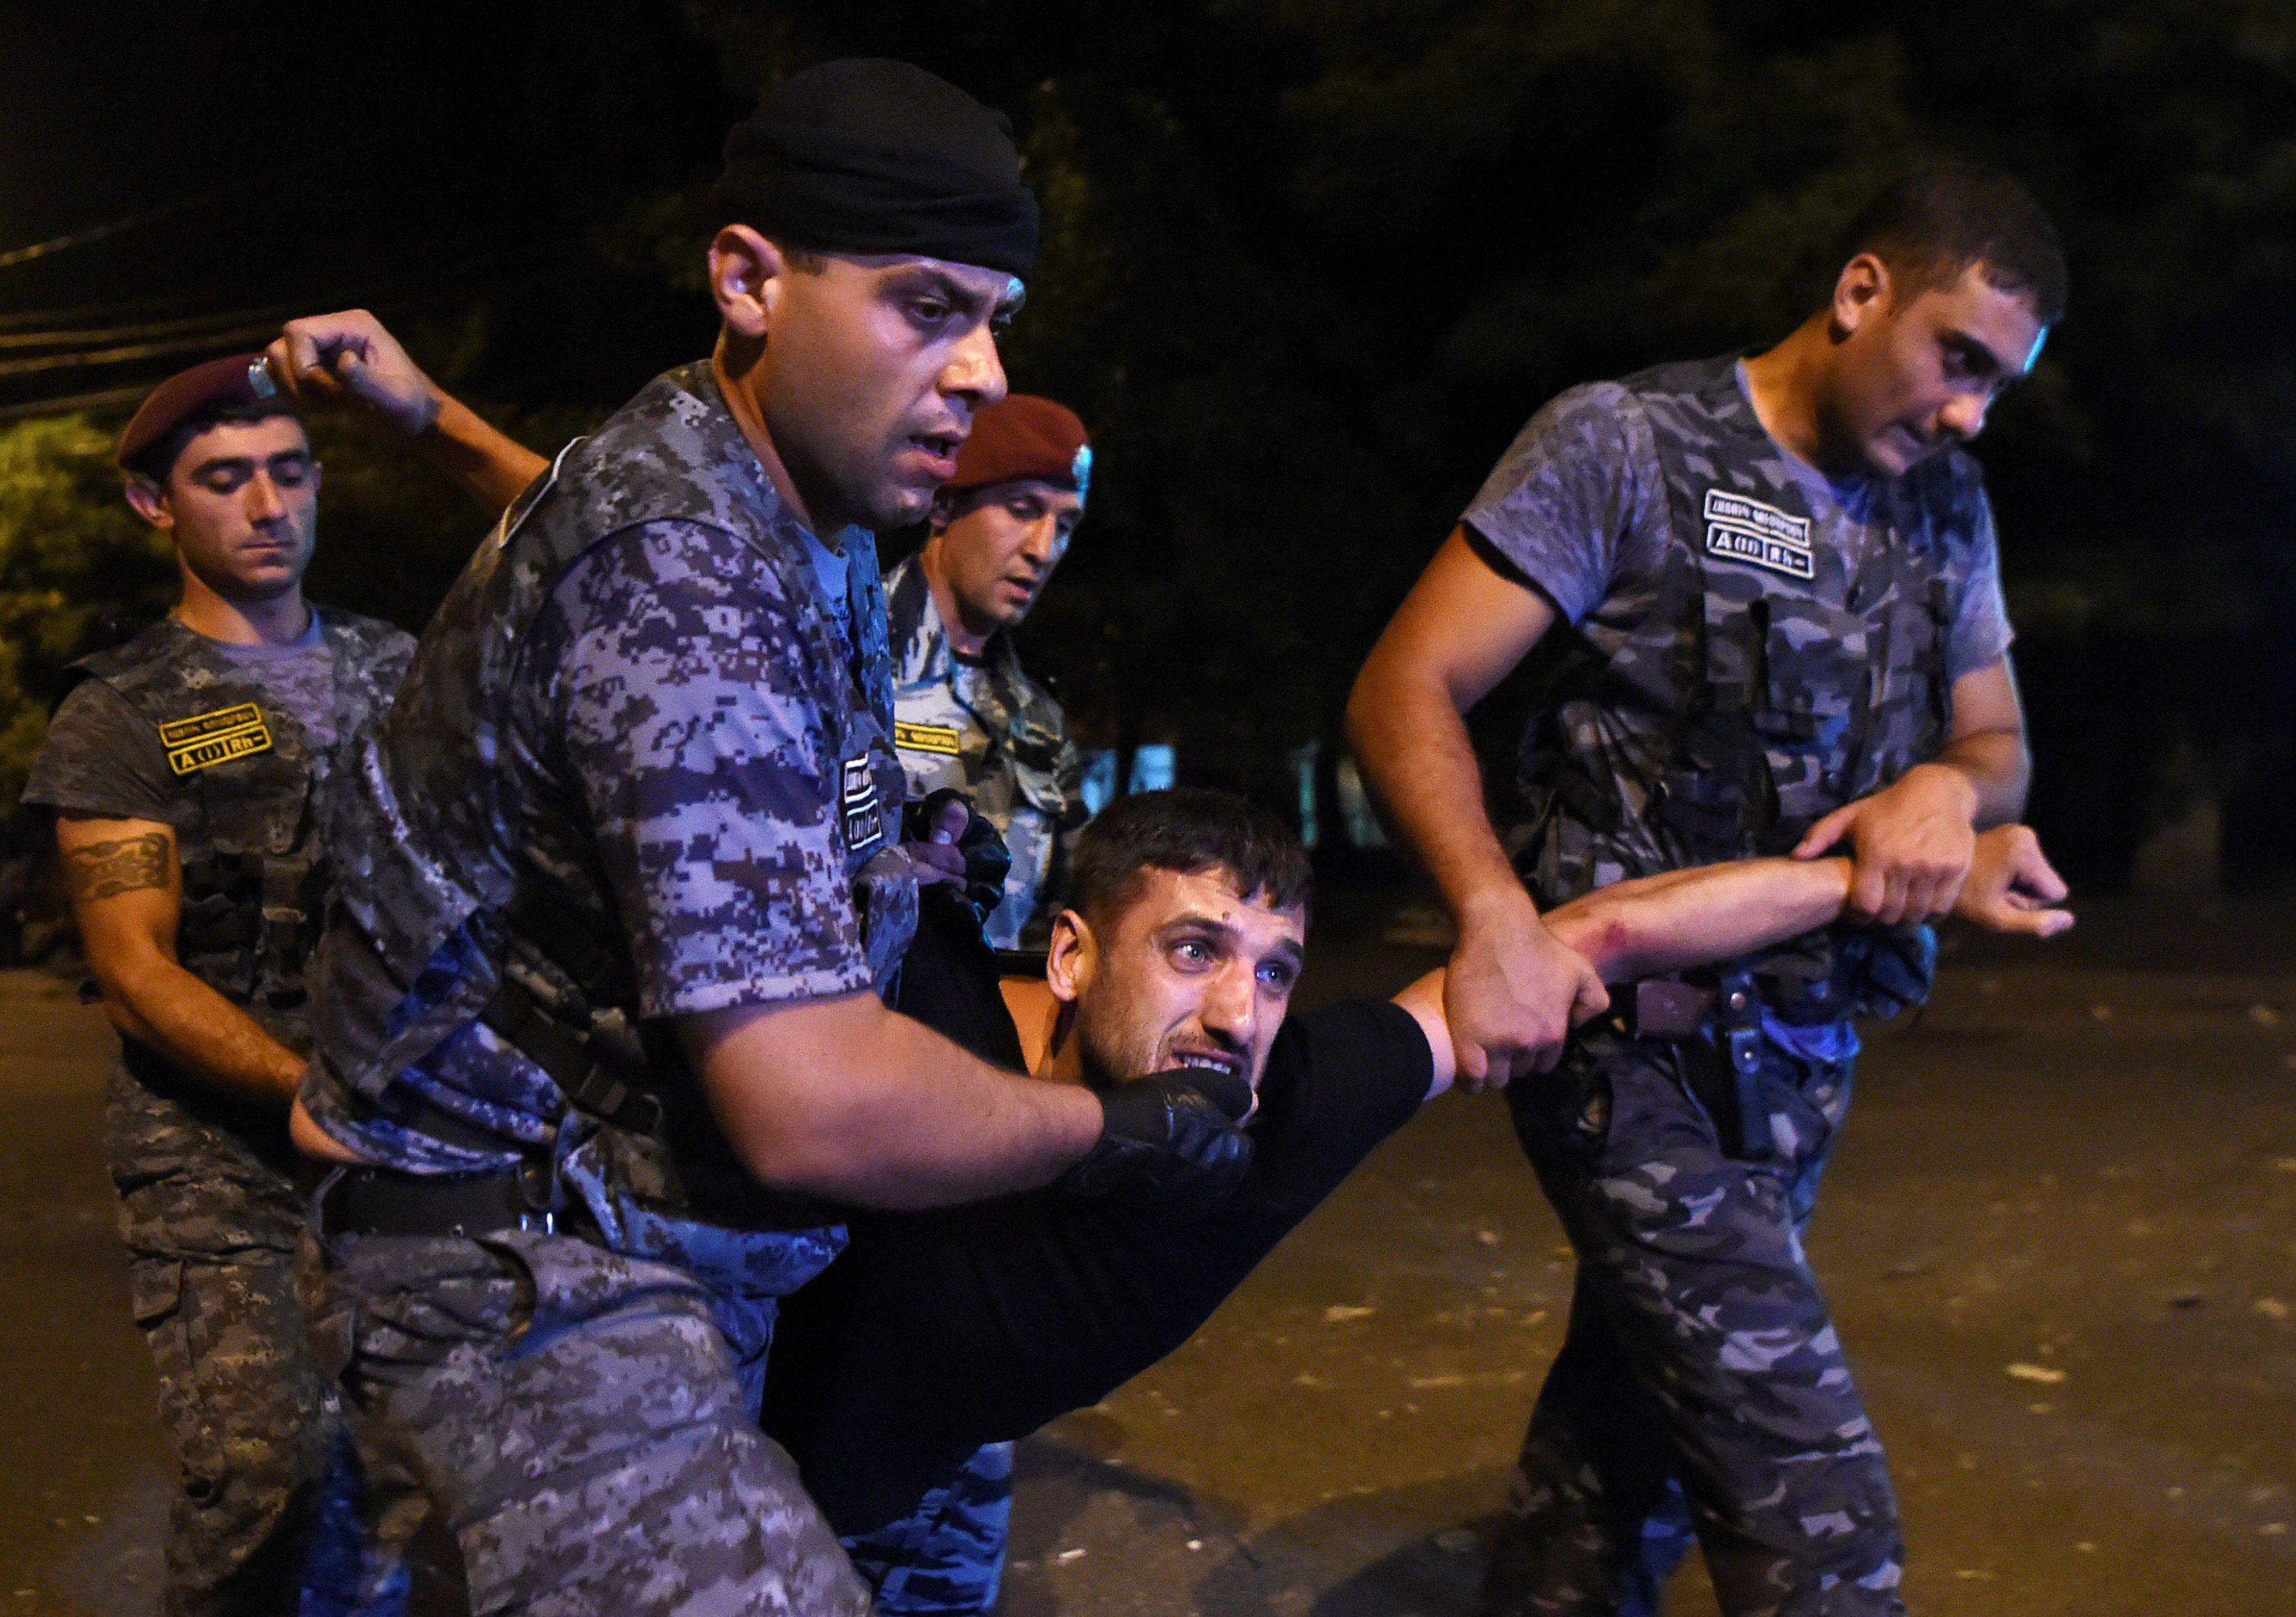 Армянская полиция задержала демонстранта